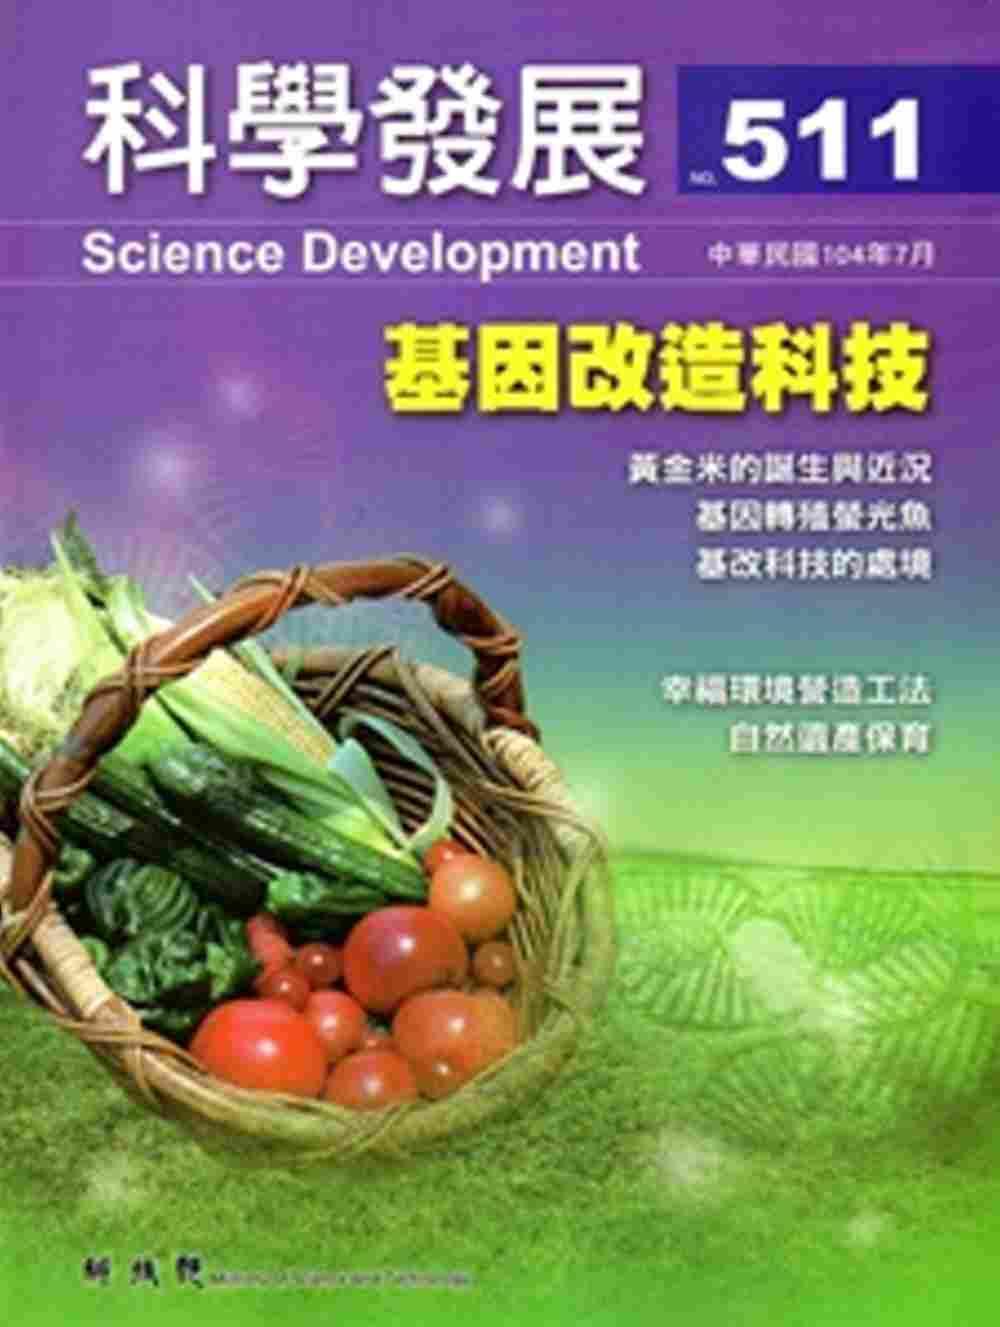 科學發展月刊第511期^(104 07^)